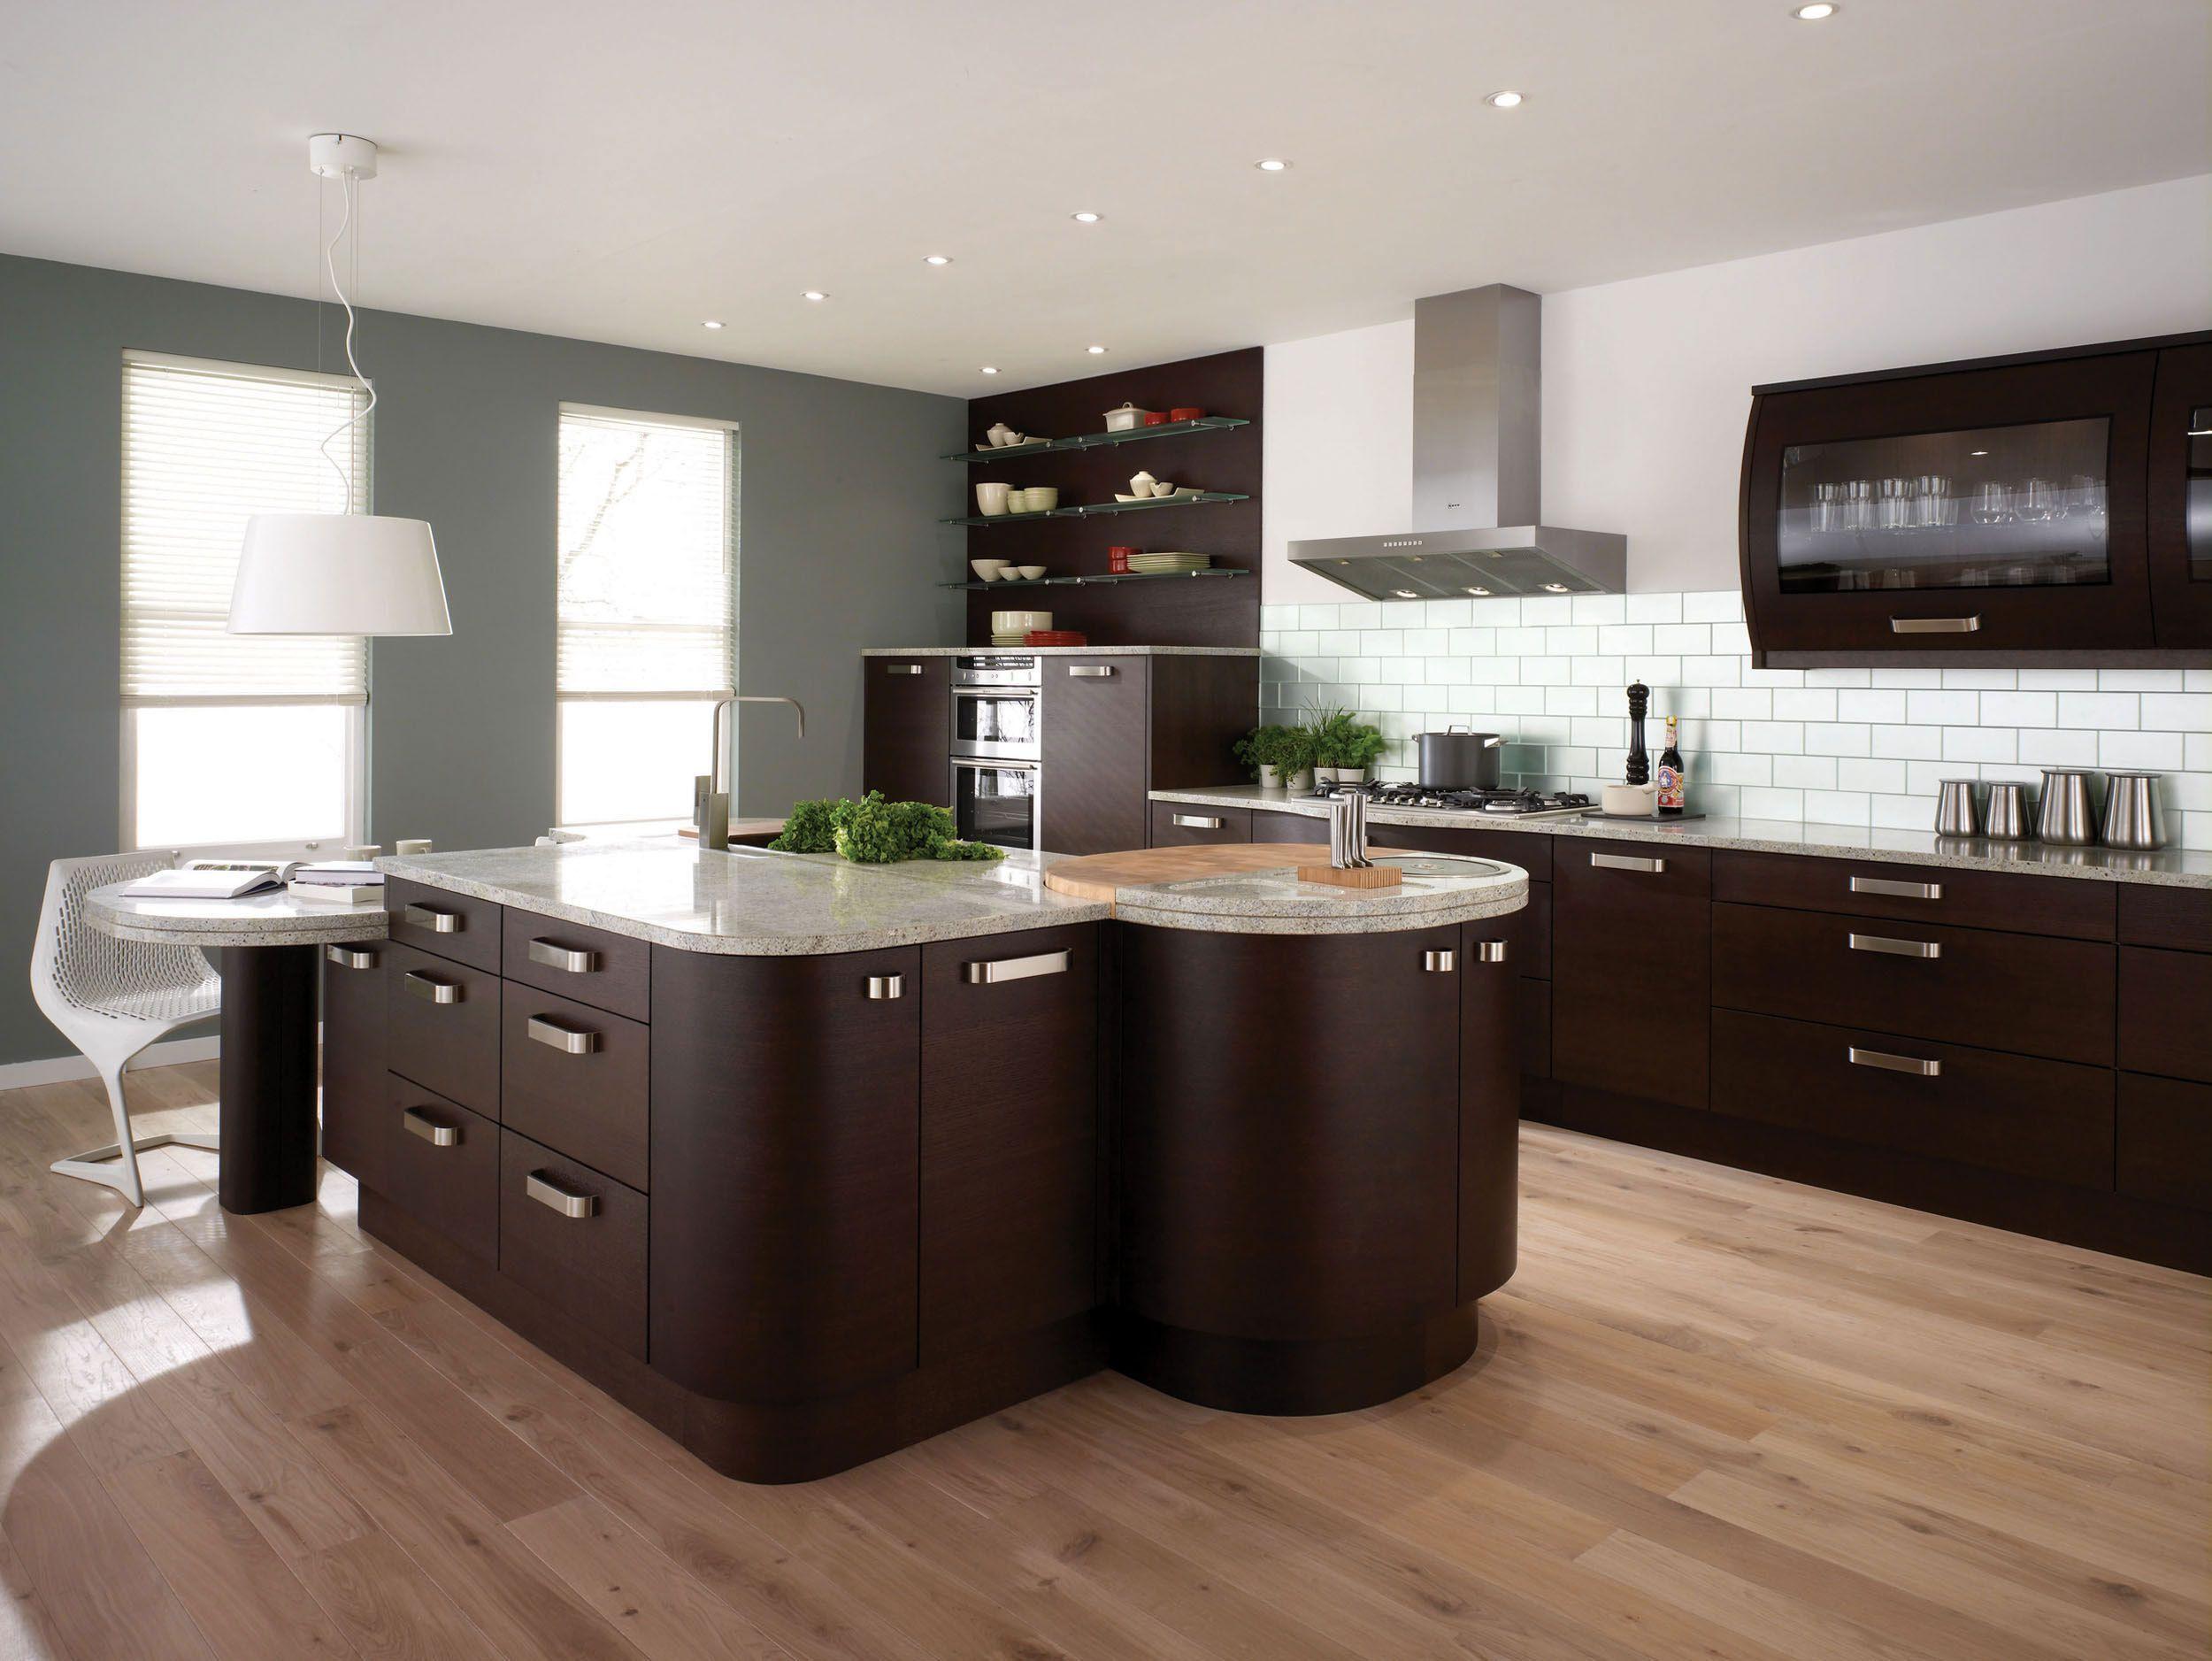 Fesselnd Inexpensive Kitchen Backsplash Ideas #Badezimmer #Büromöbel #Couchtisch  #Deko Ideen #Gartenmöbel #Kinderzimmer #Kleiderschrank #Küchen #Schlafsofa  ...